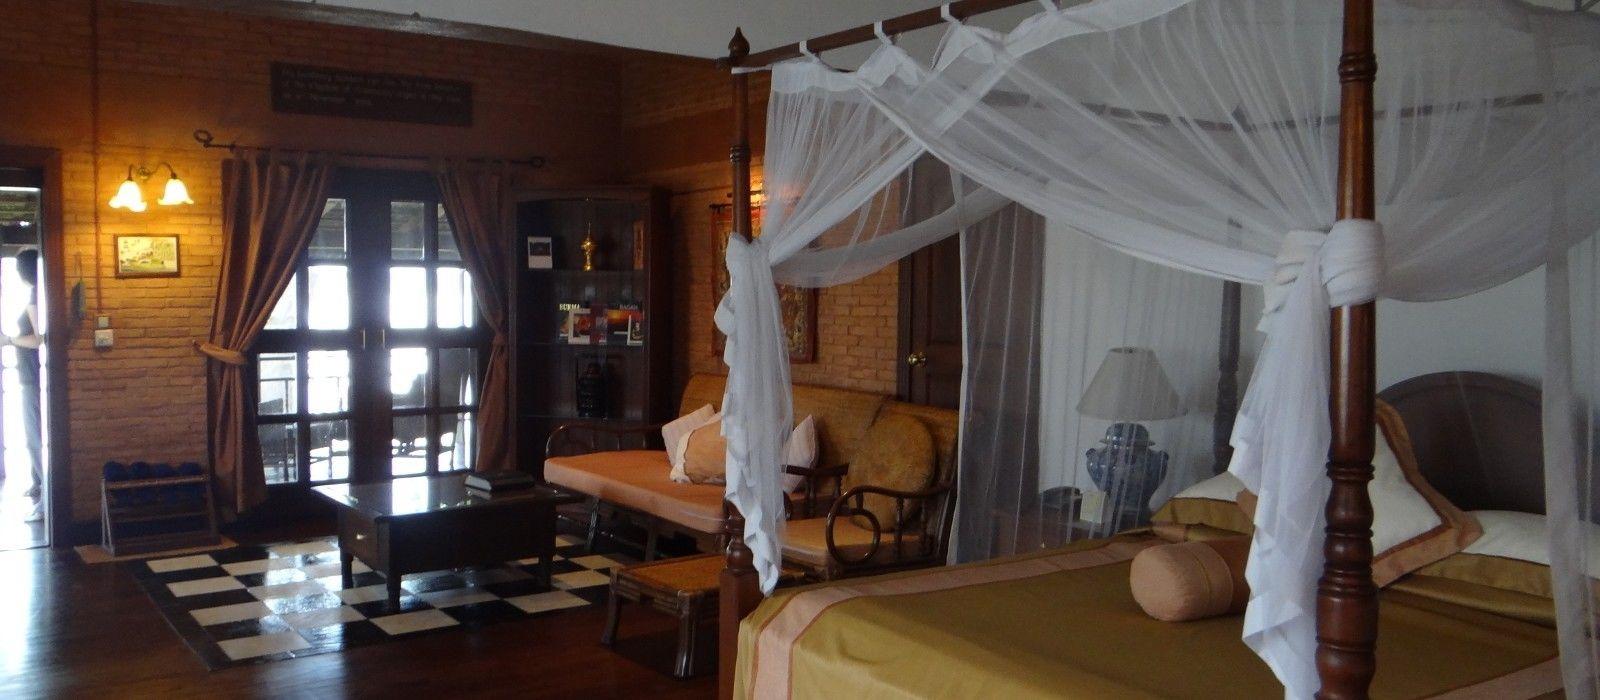 Hotel Thiripyitsaya Sakura (Bagan) Myanmar